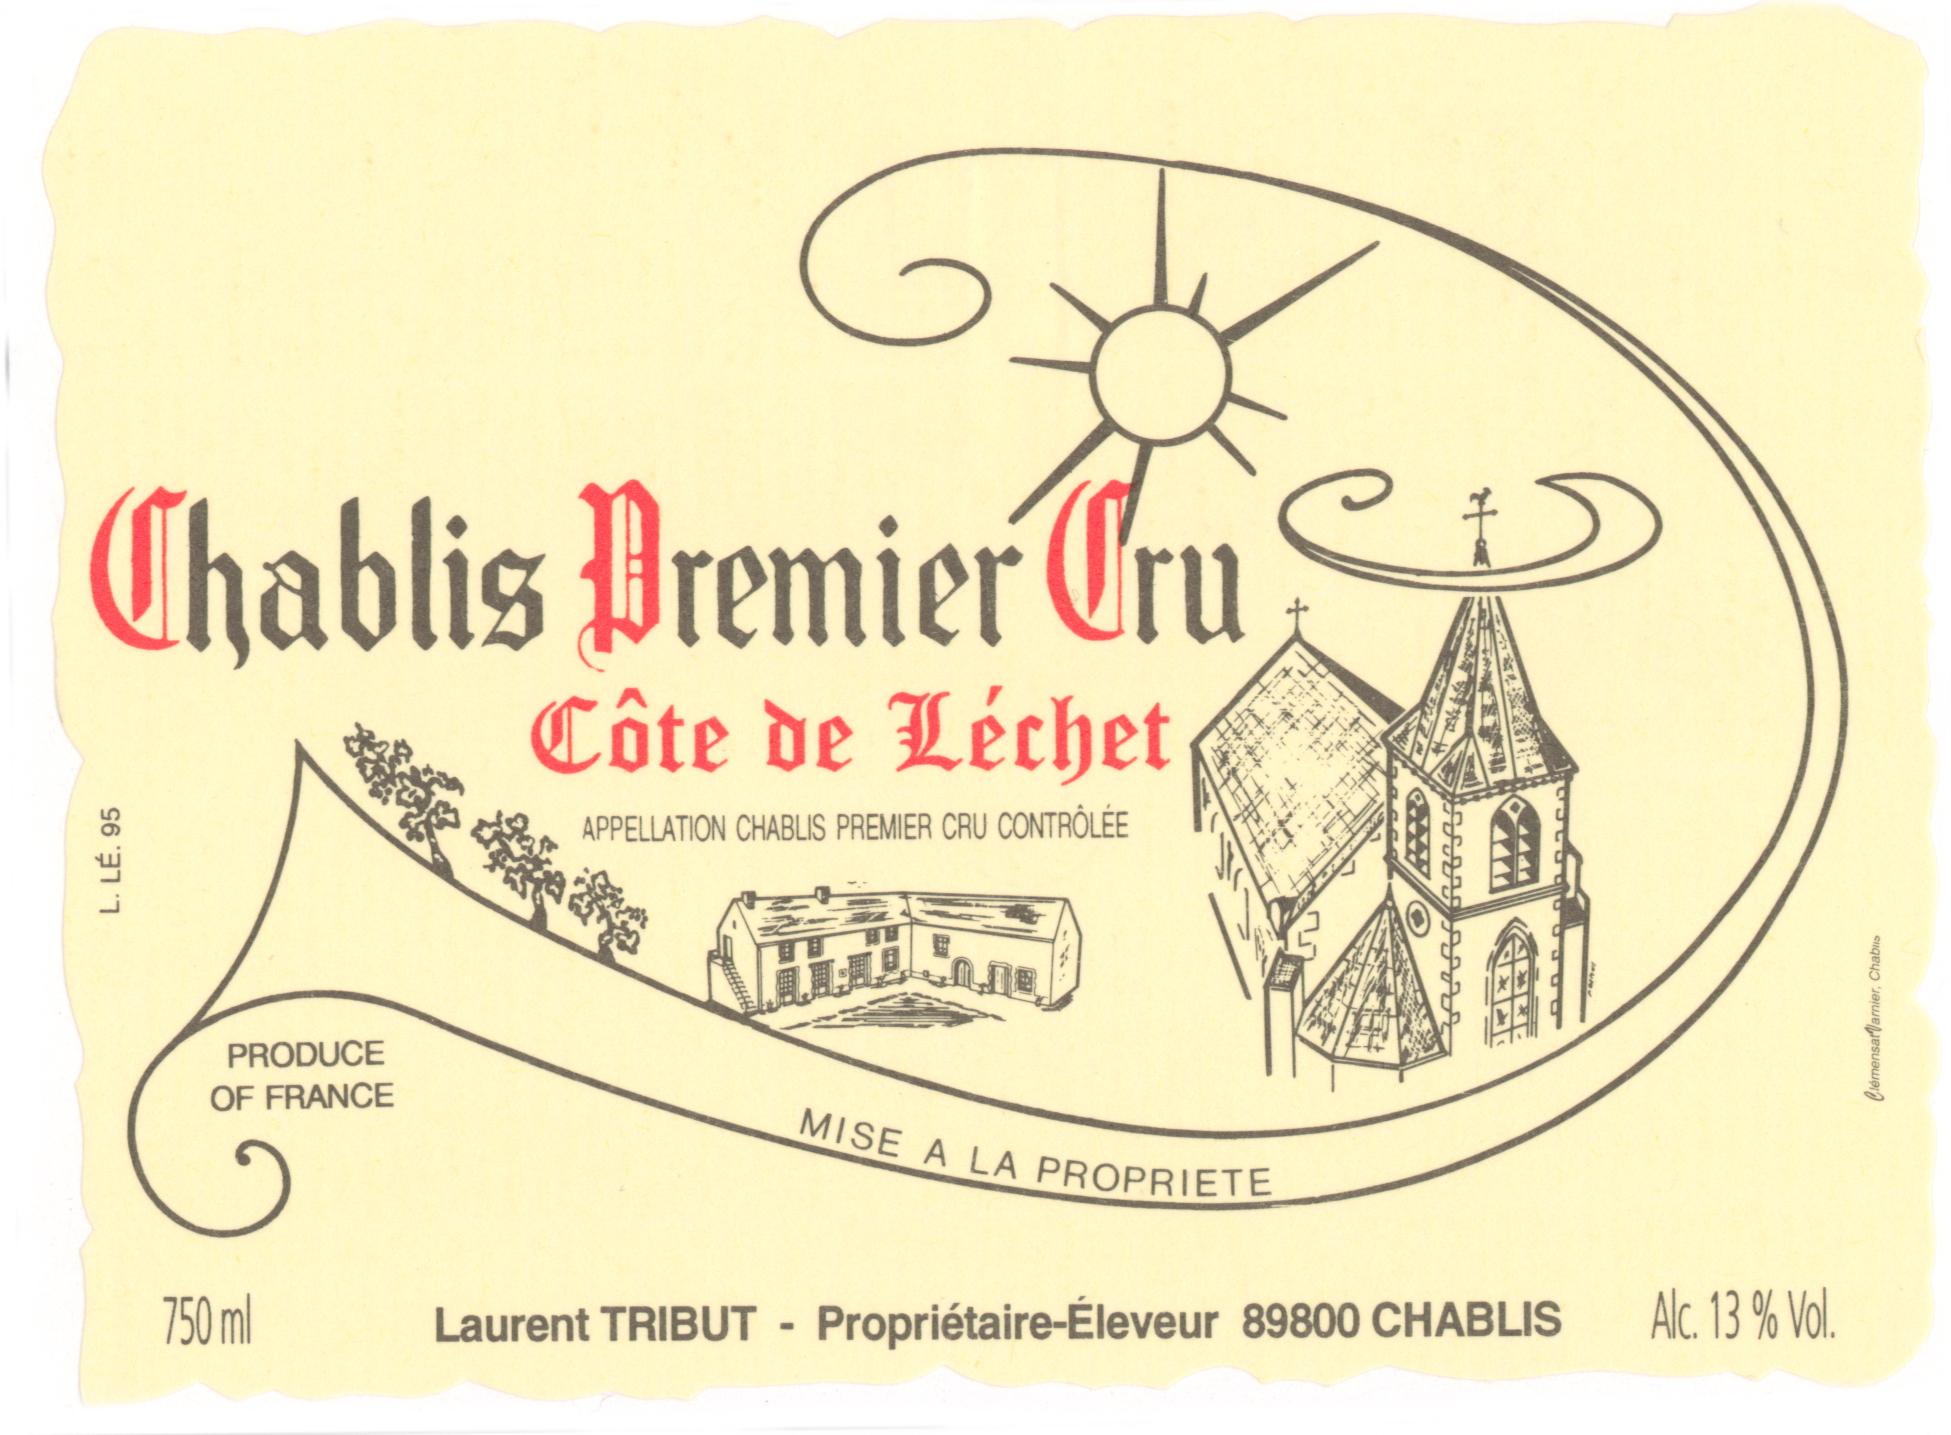 Tribut Chablis Premier Cru Cote de Lechet Label.jpg